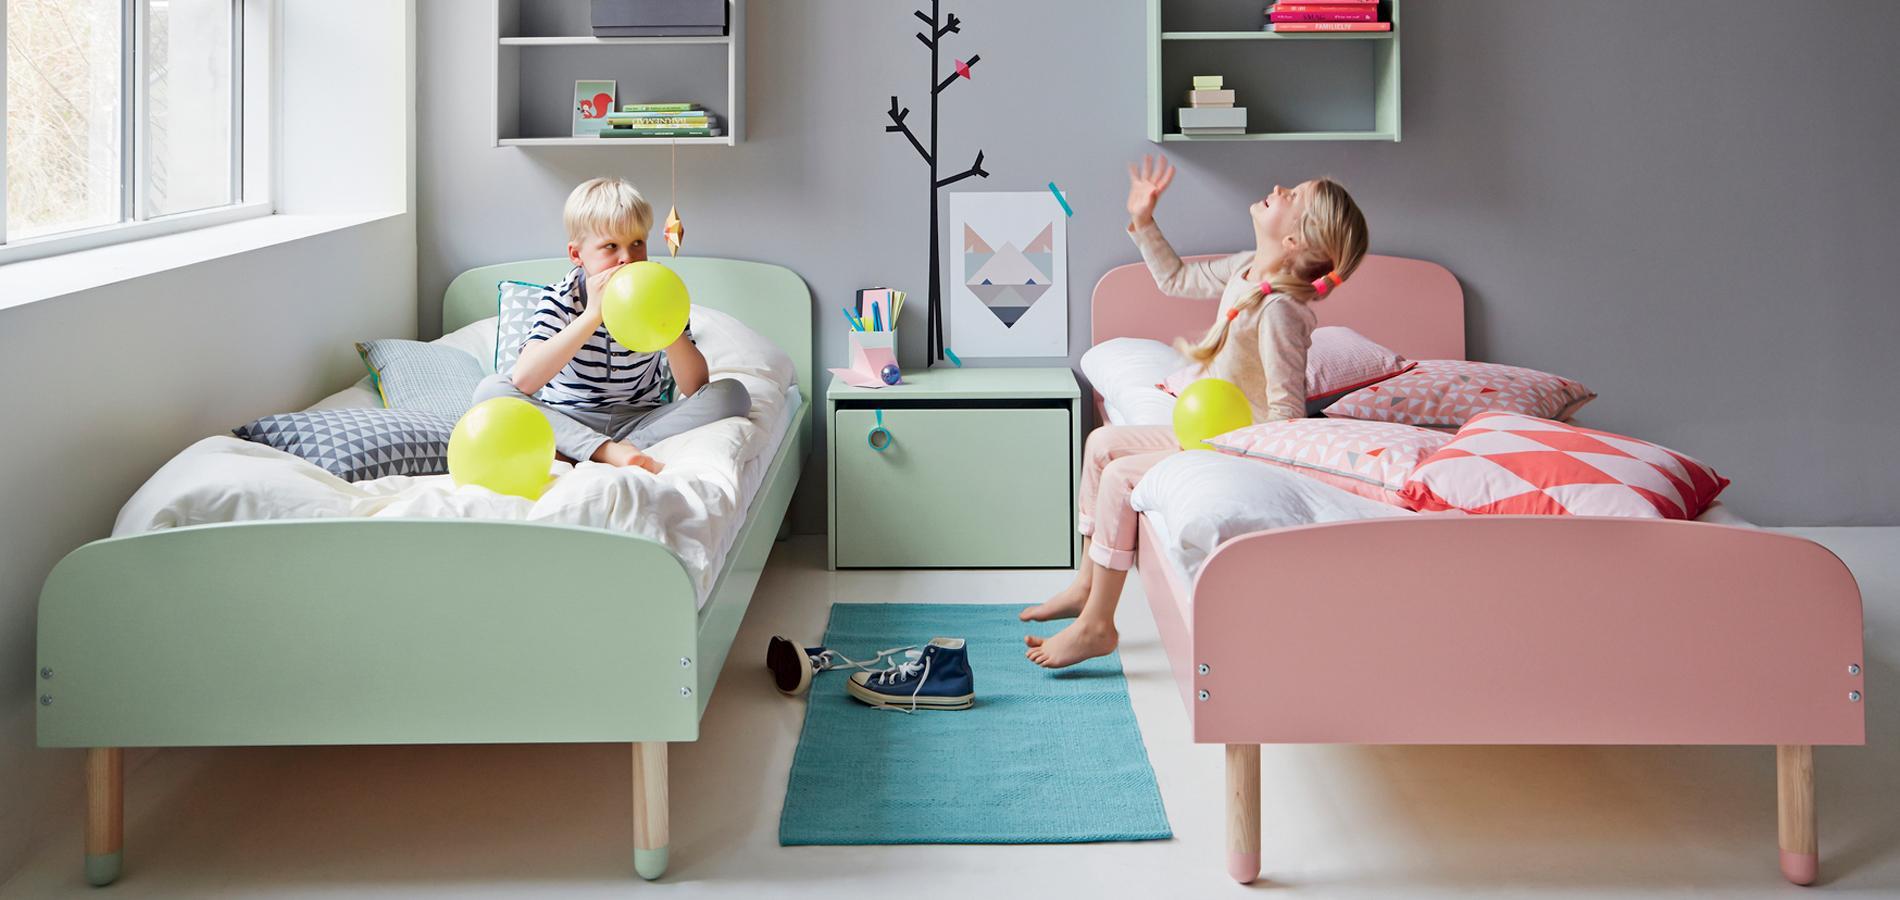 chambre partag e une d co sans clich pour une fratrie mixte madame figaro. Black Bedroom Furniture Sets. Home Design Ideas